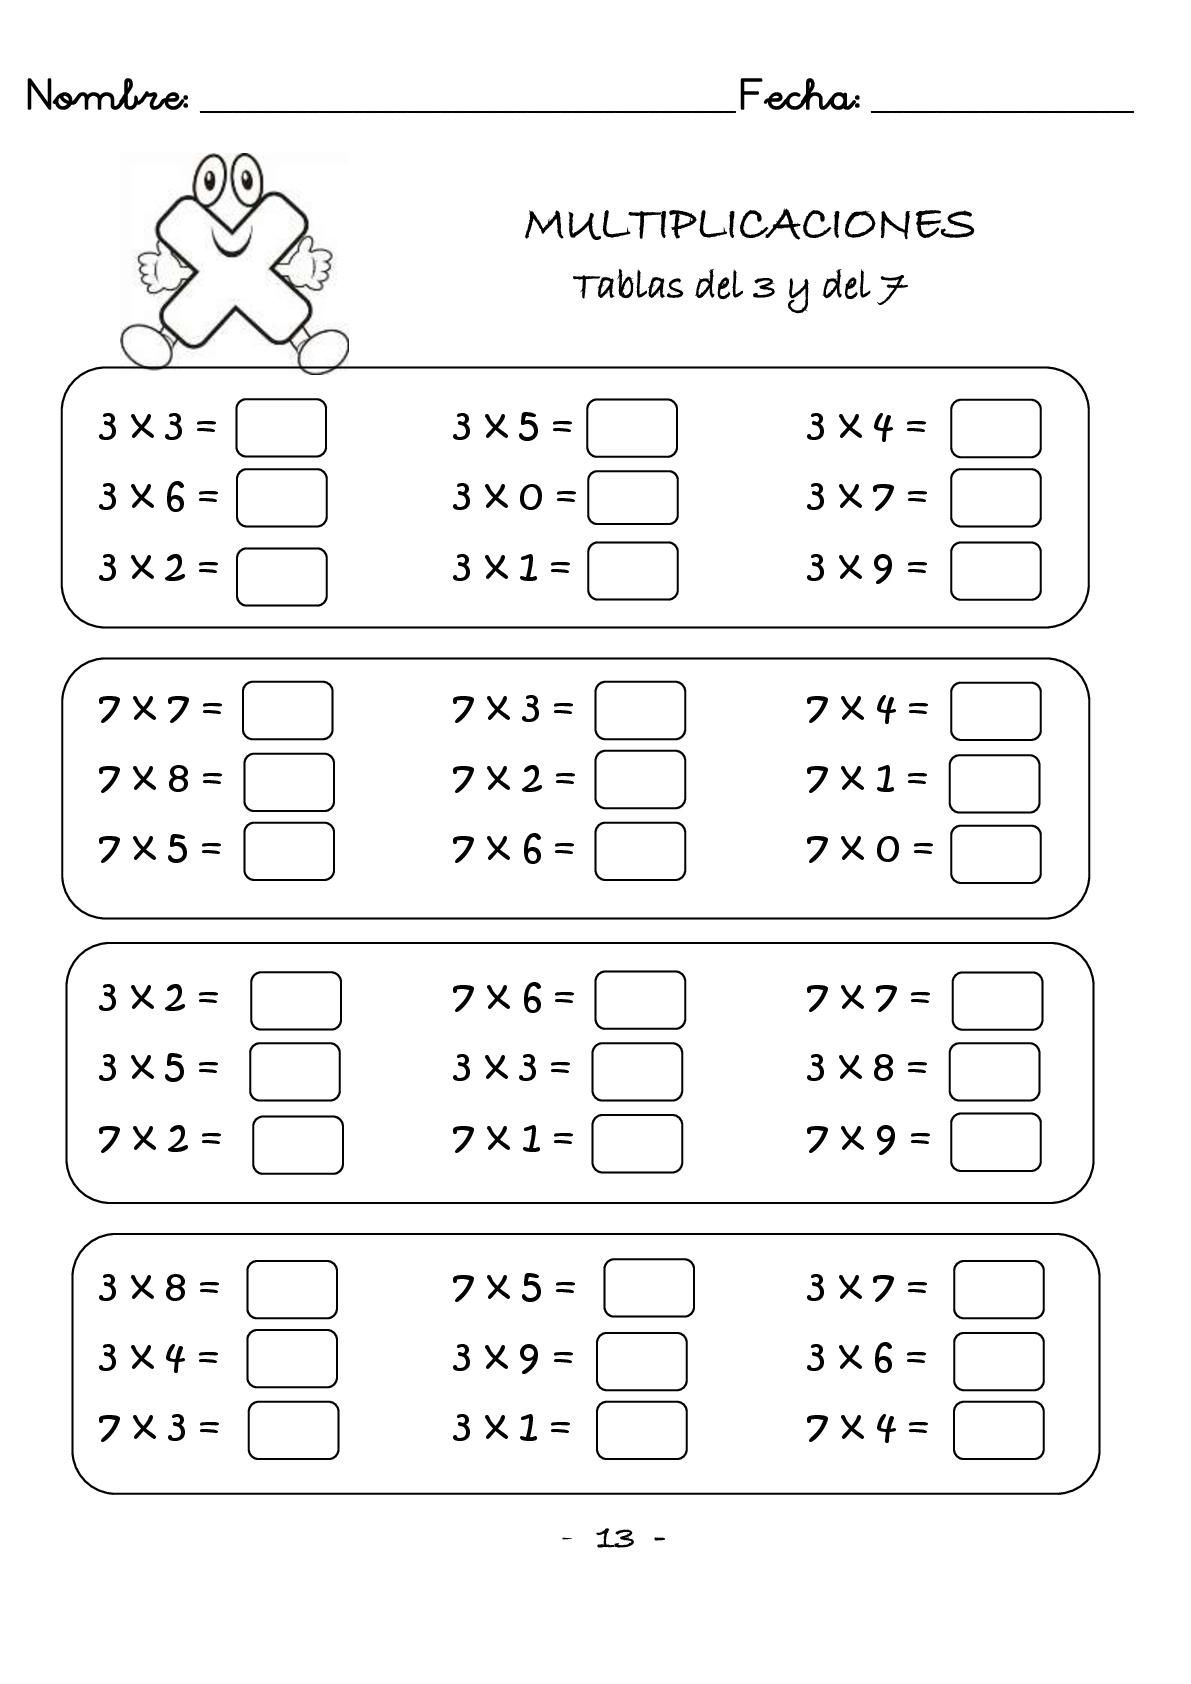 multiplicaciones-rapidas-una-cifra-protegido-014